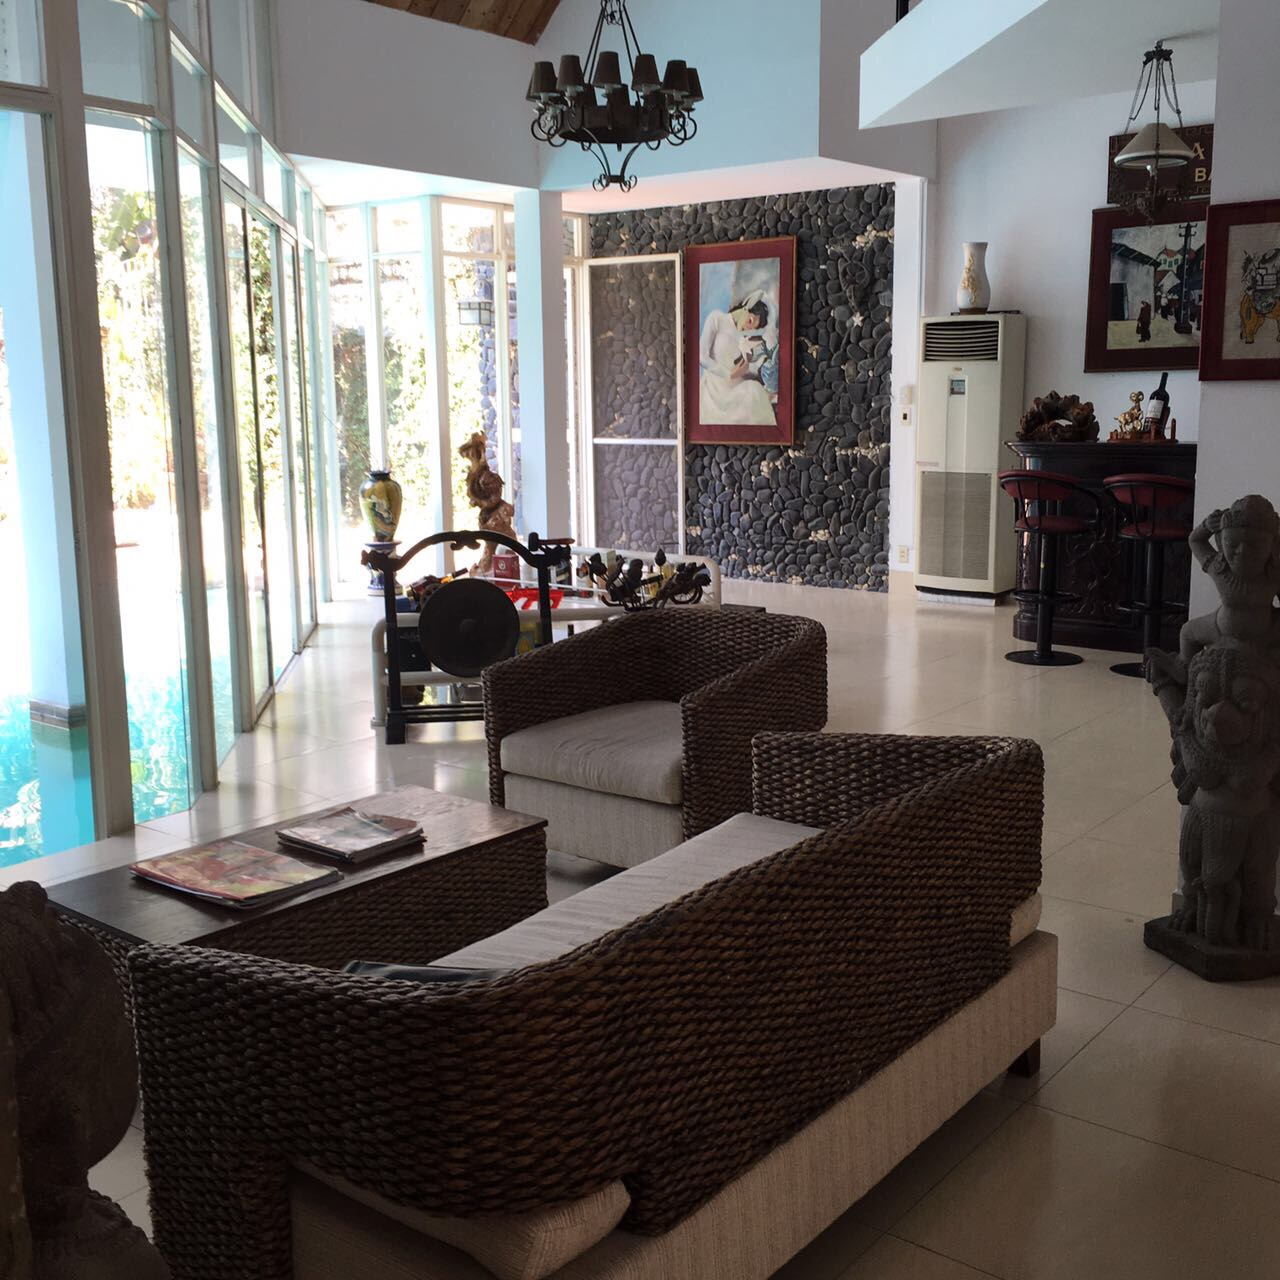 Cho thuê biệt thự đường Trần Não quận 2 diện tích 700m2, giá 4000usd/tháng